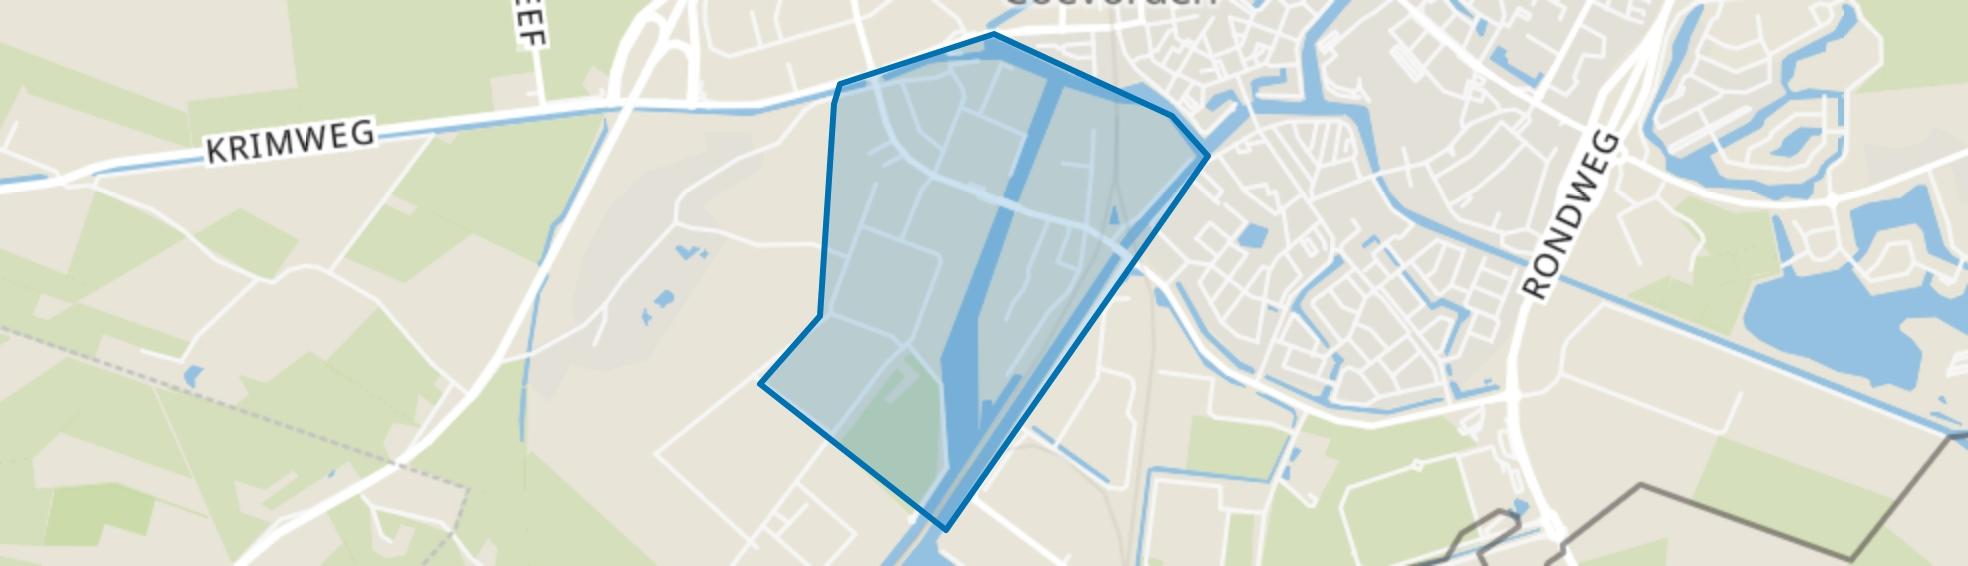 Leeuwerikenveld, Coevorden map